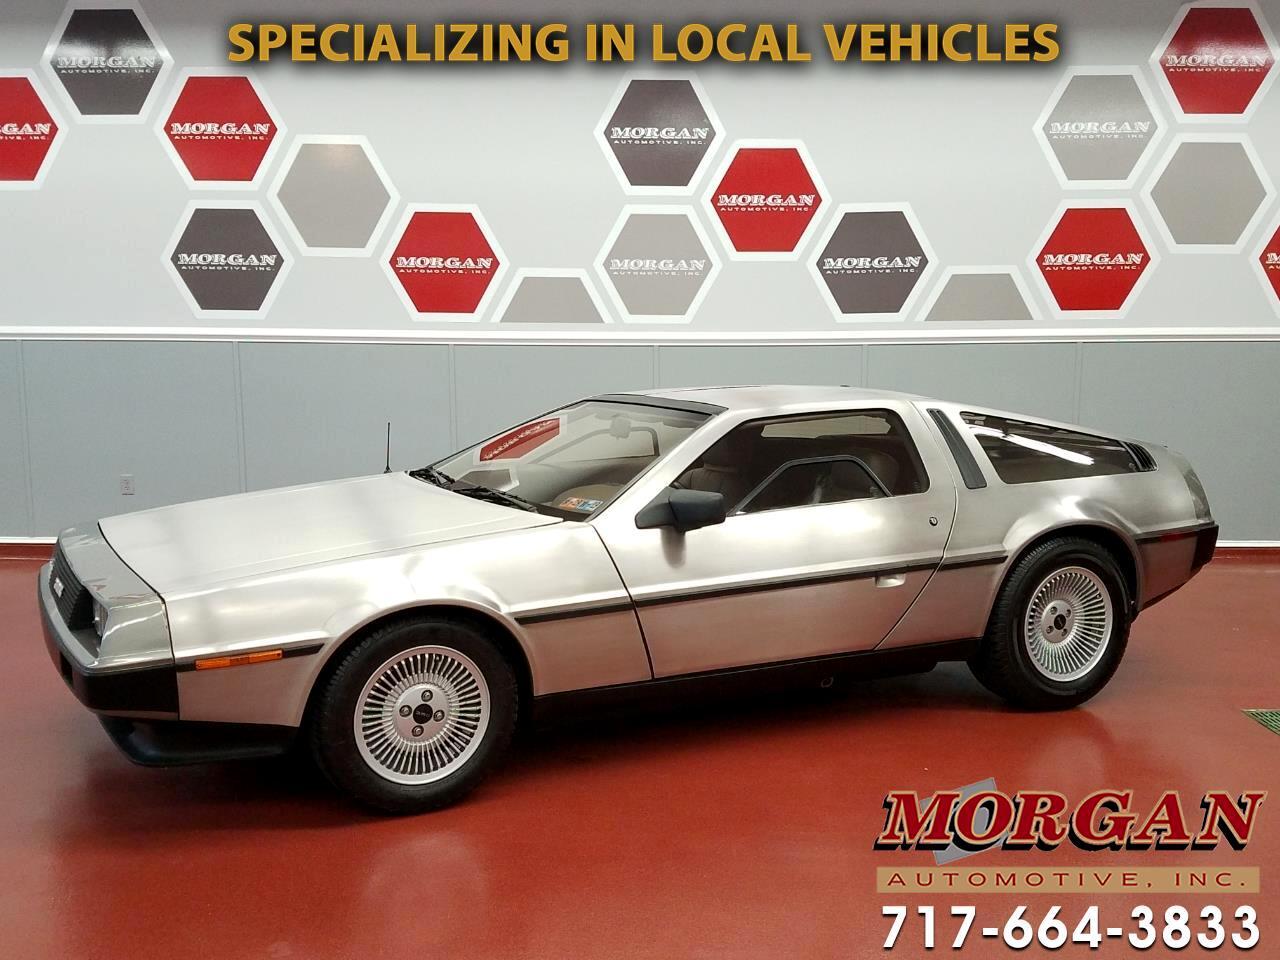 1981 DeLorean DMC-12 Stock